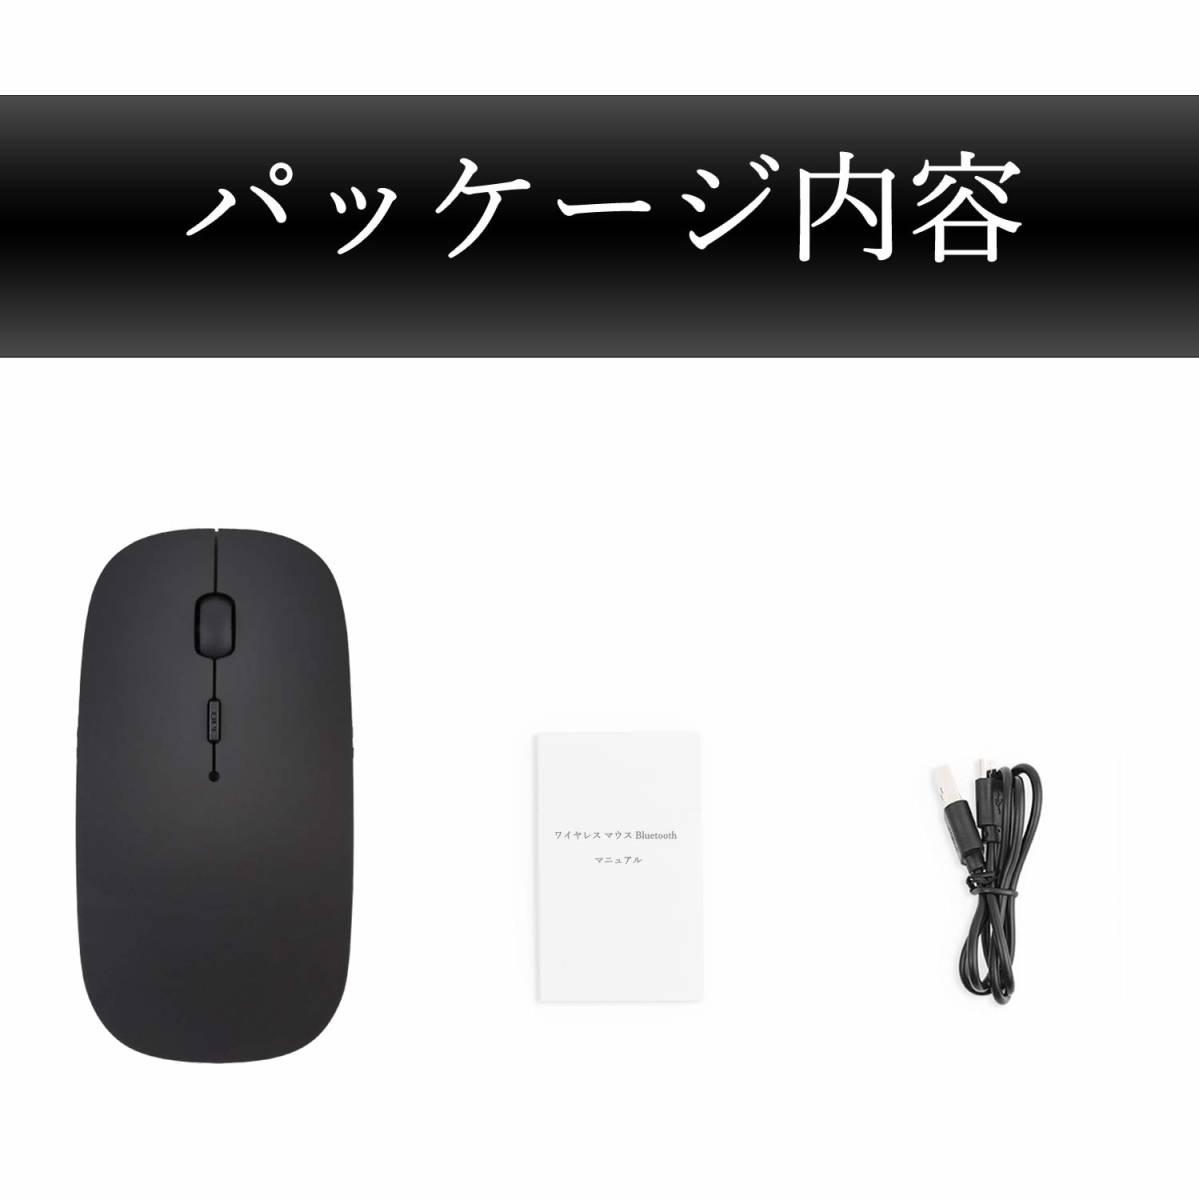 マウスワイヤレス 無線 マウス Bluetooth Windows 10 Mac 対応 マックブック_画像7